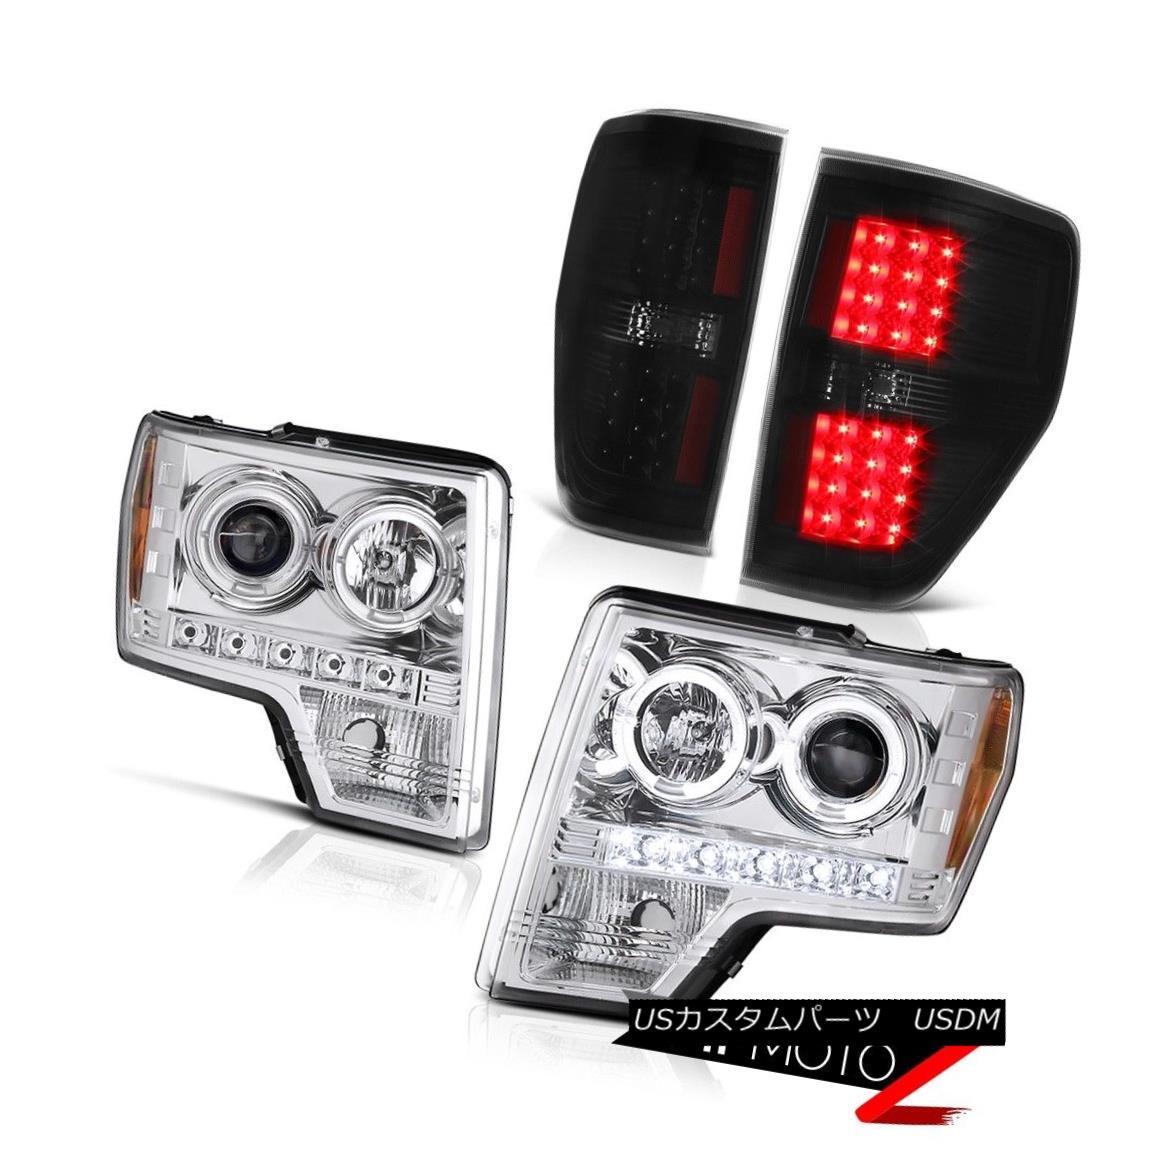 テールライト 2009-2014 Ford F150 Chrome Angel Eye DRL Projector Headlight LED Bulbs Taillight 2009-2014フォードF150クロームエンジェルアイDRLプロジェクターヘッドライトLEDバルブティアライト